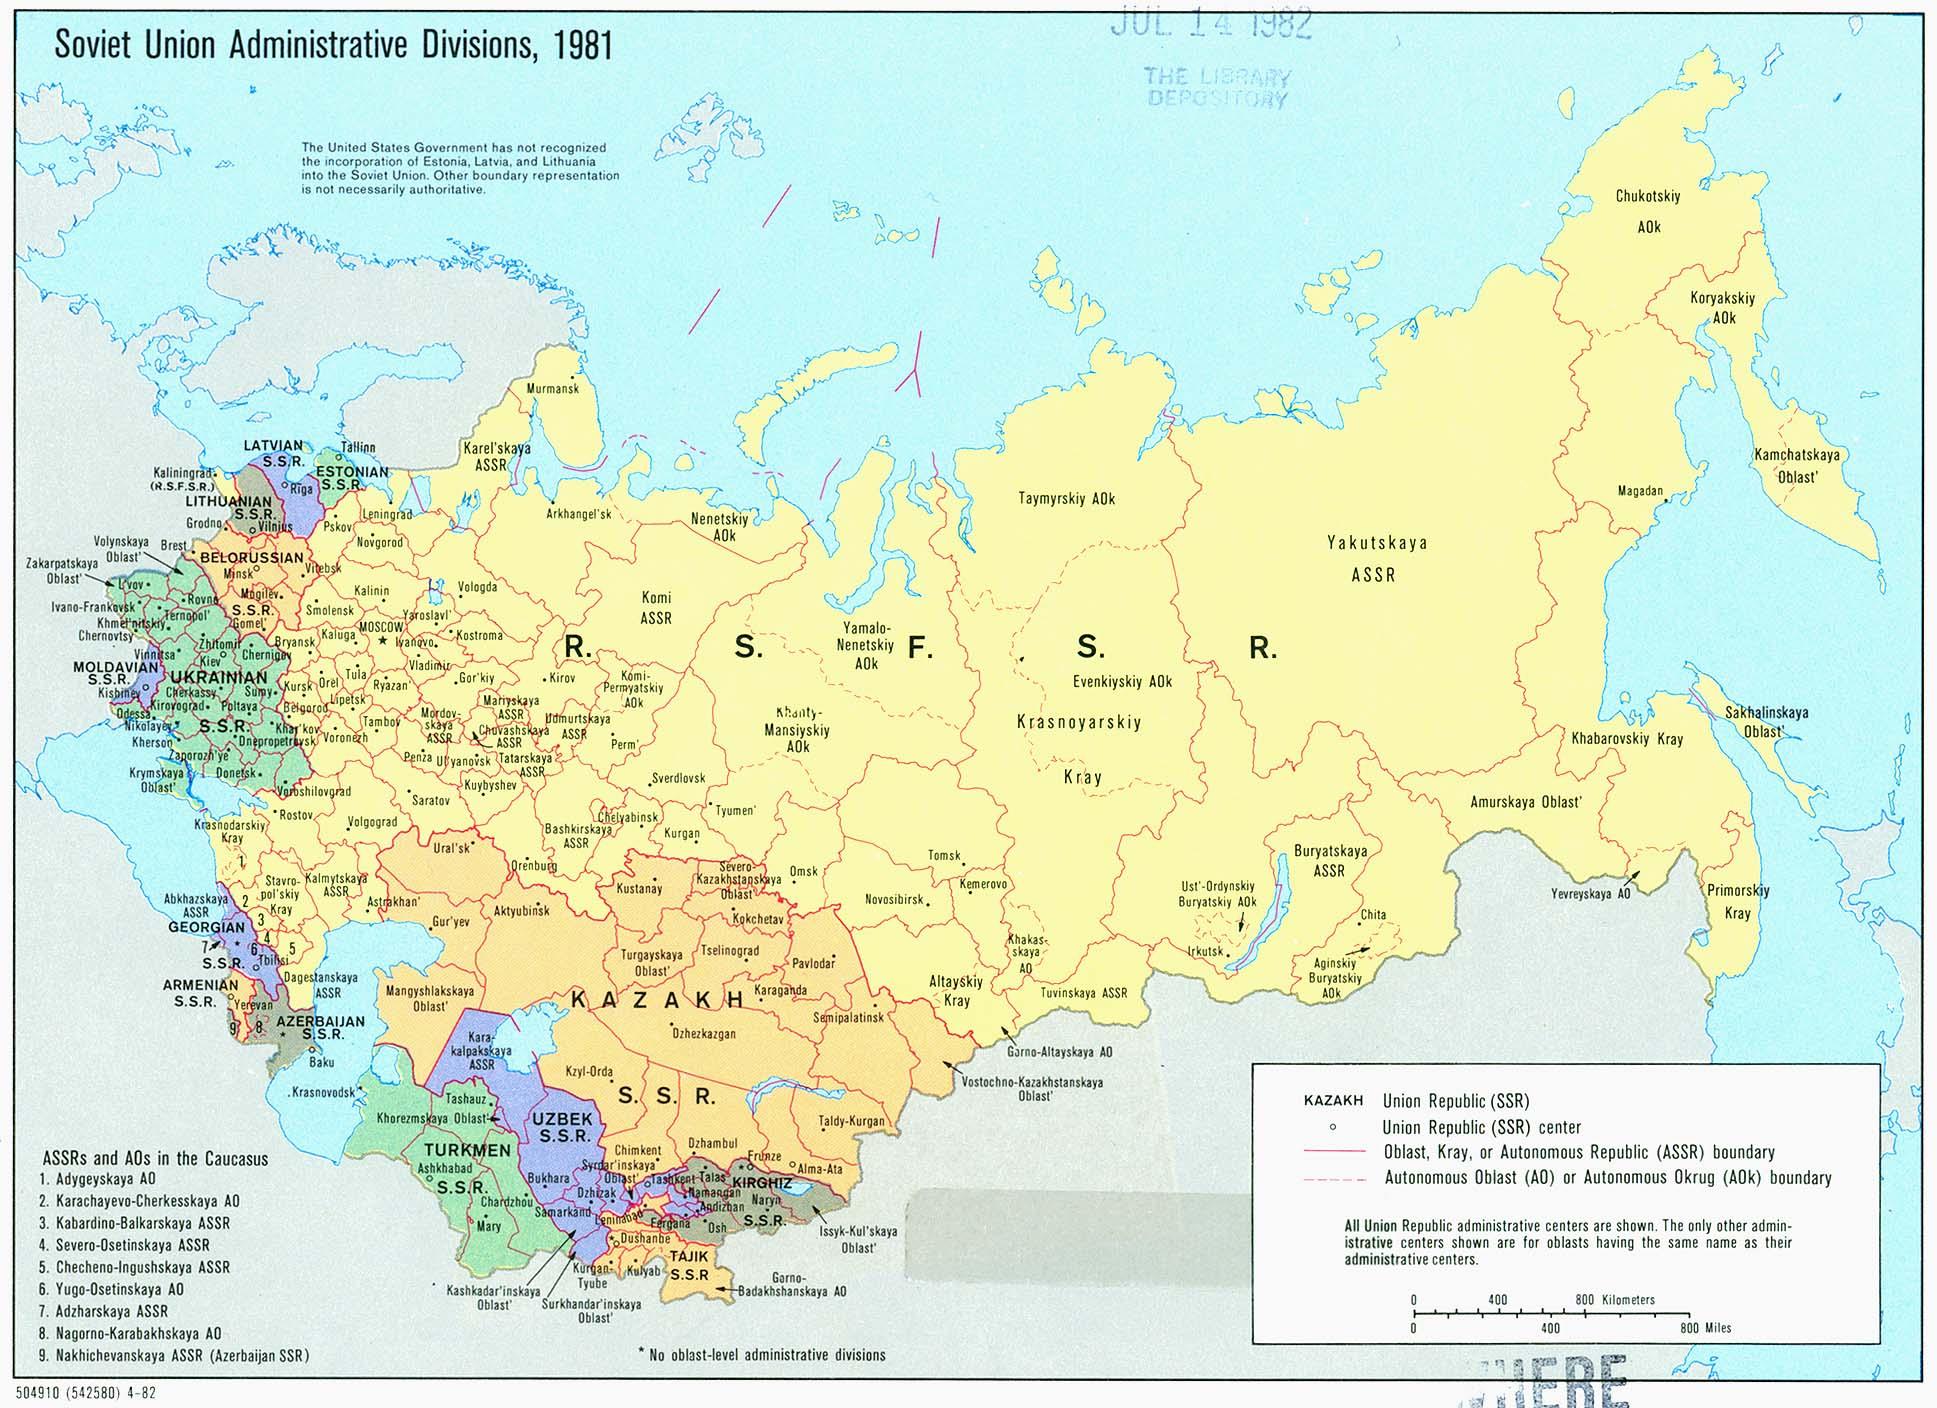 Mapa de las Divisiones Administrativas de la ex Unión Soviética